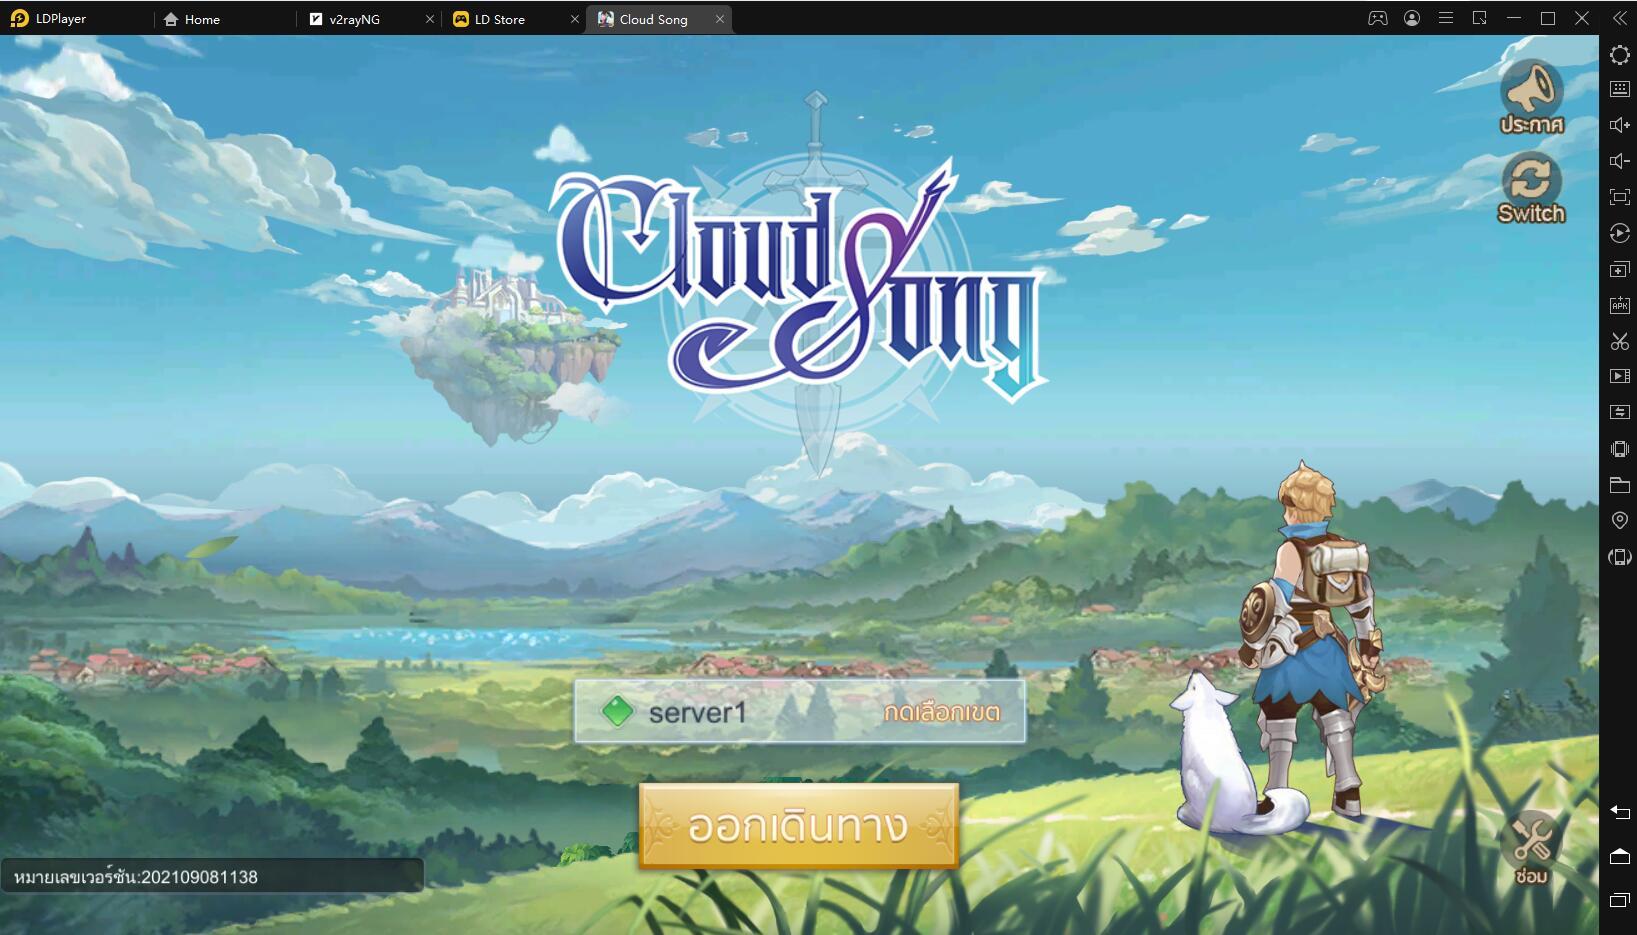 วิธีการติดตั้งและการเล่นเกมCloud Song - บทกวีแห่งท้องฟ้า บน PC